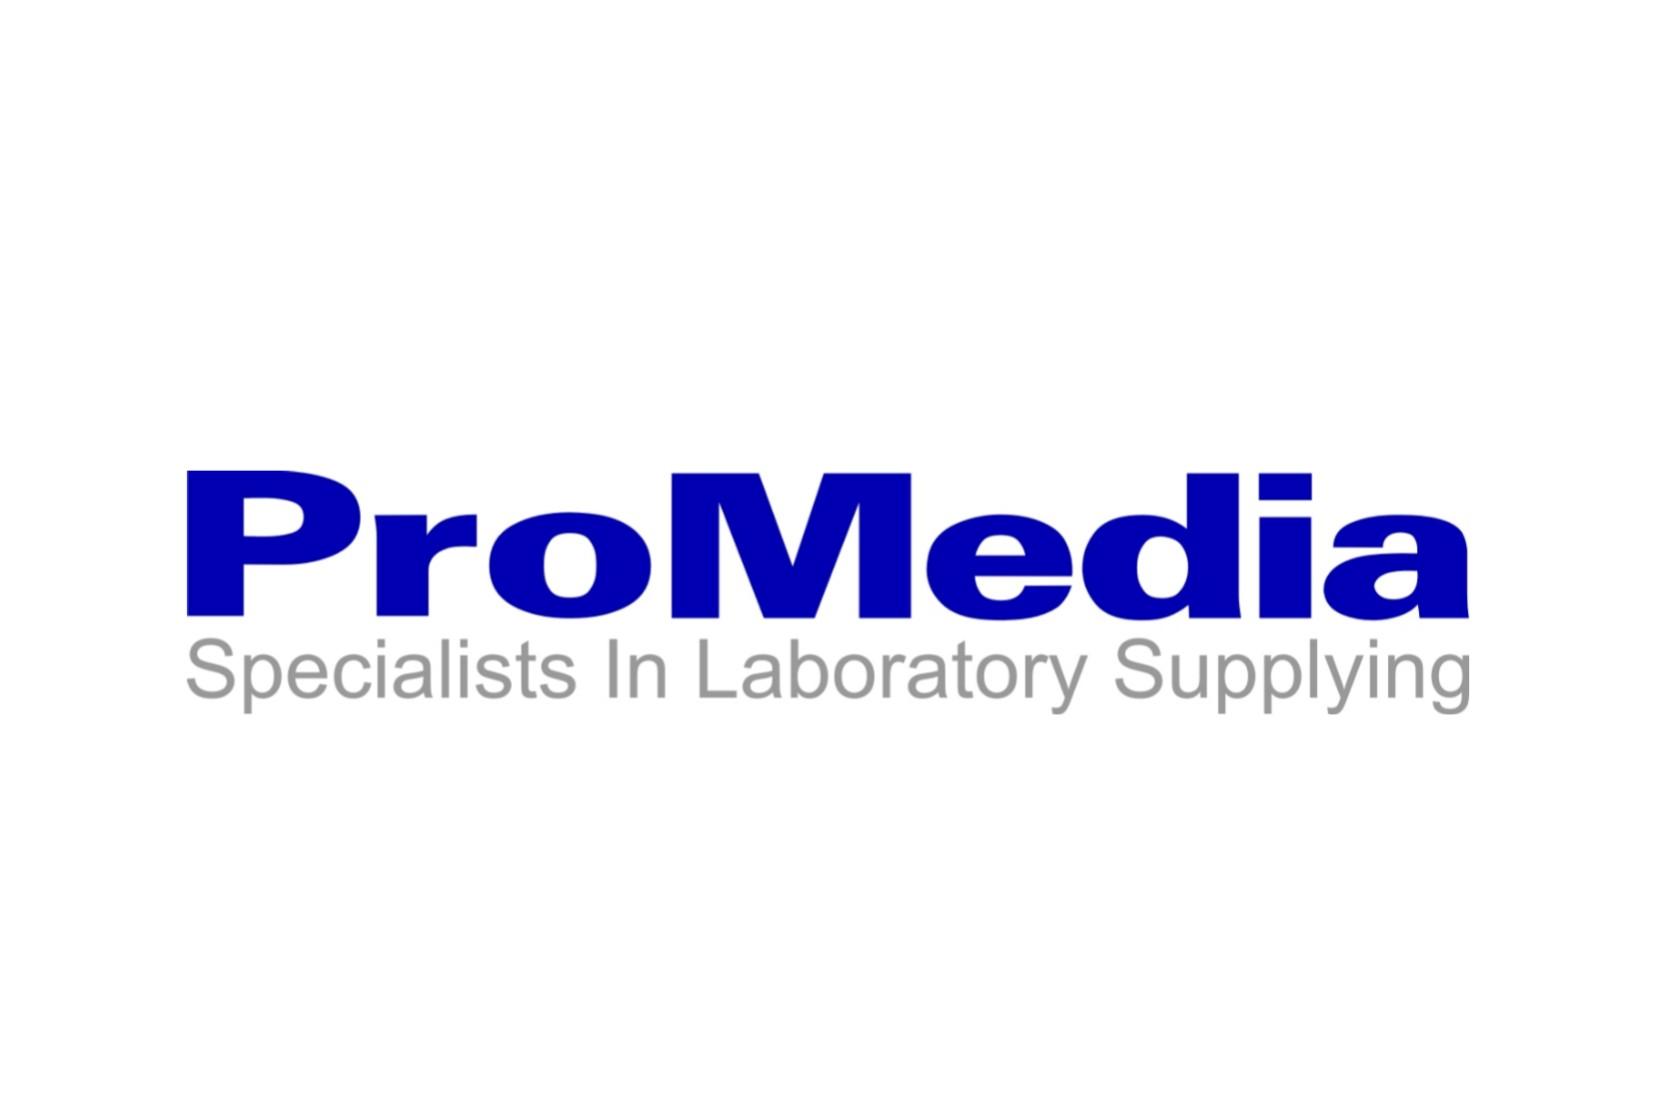 qpromedia-logocut